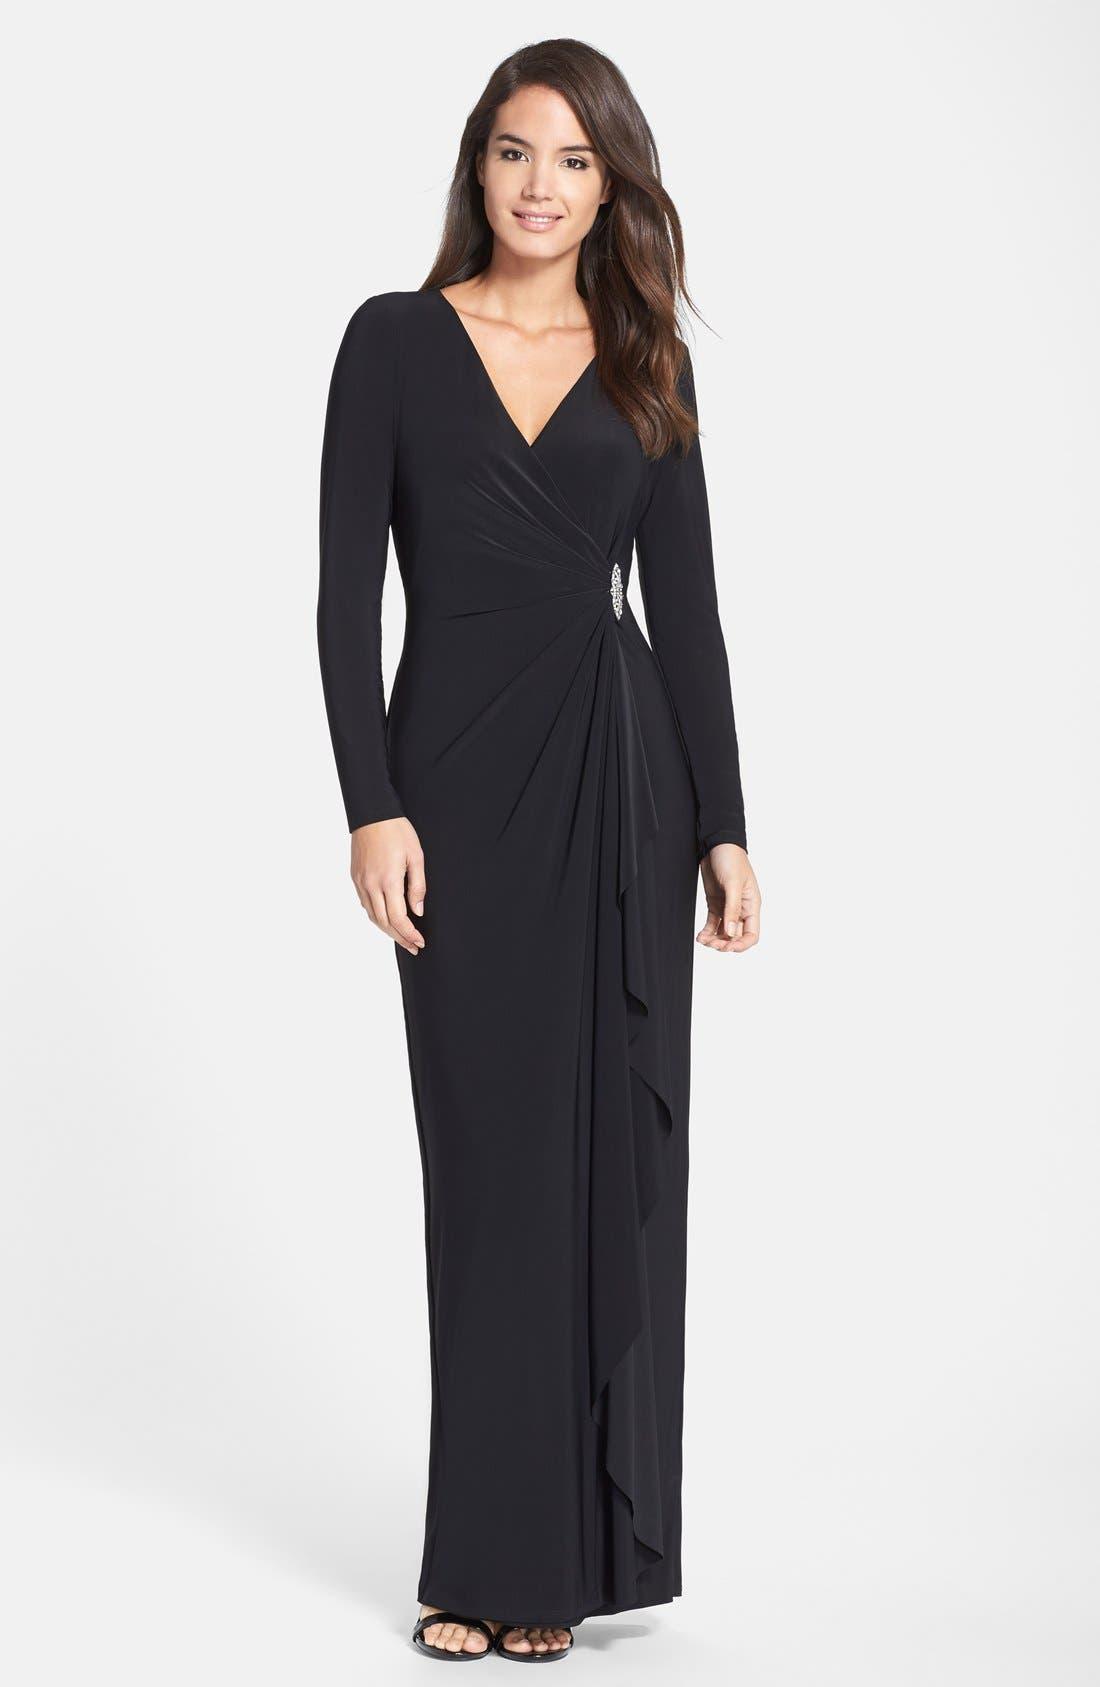 Main Image - Lauren Ralph Lauren Embellished Jersey Gown (Regular & Petite)